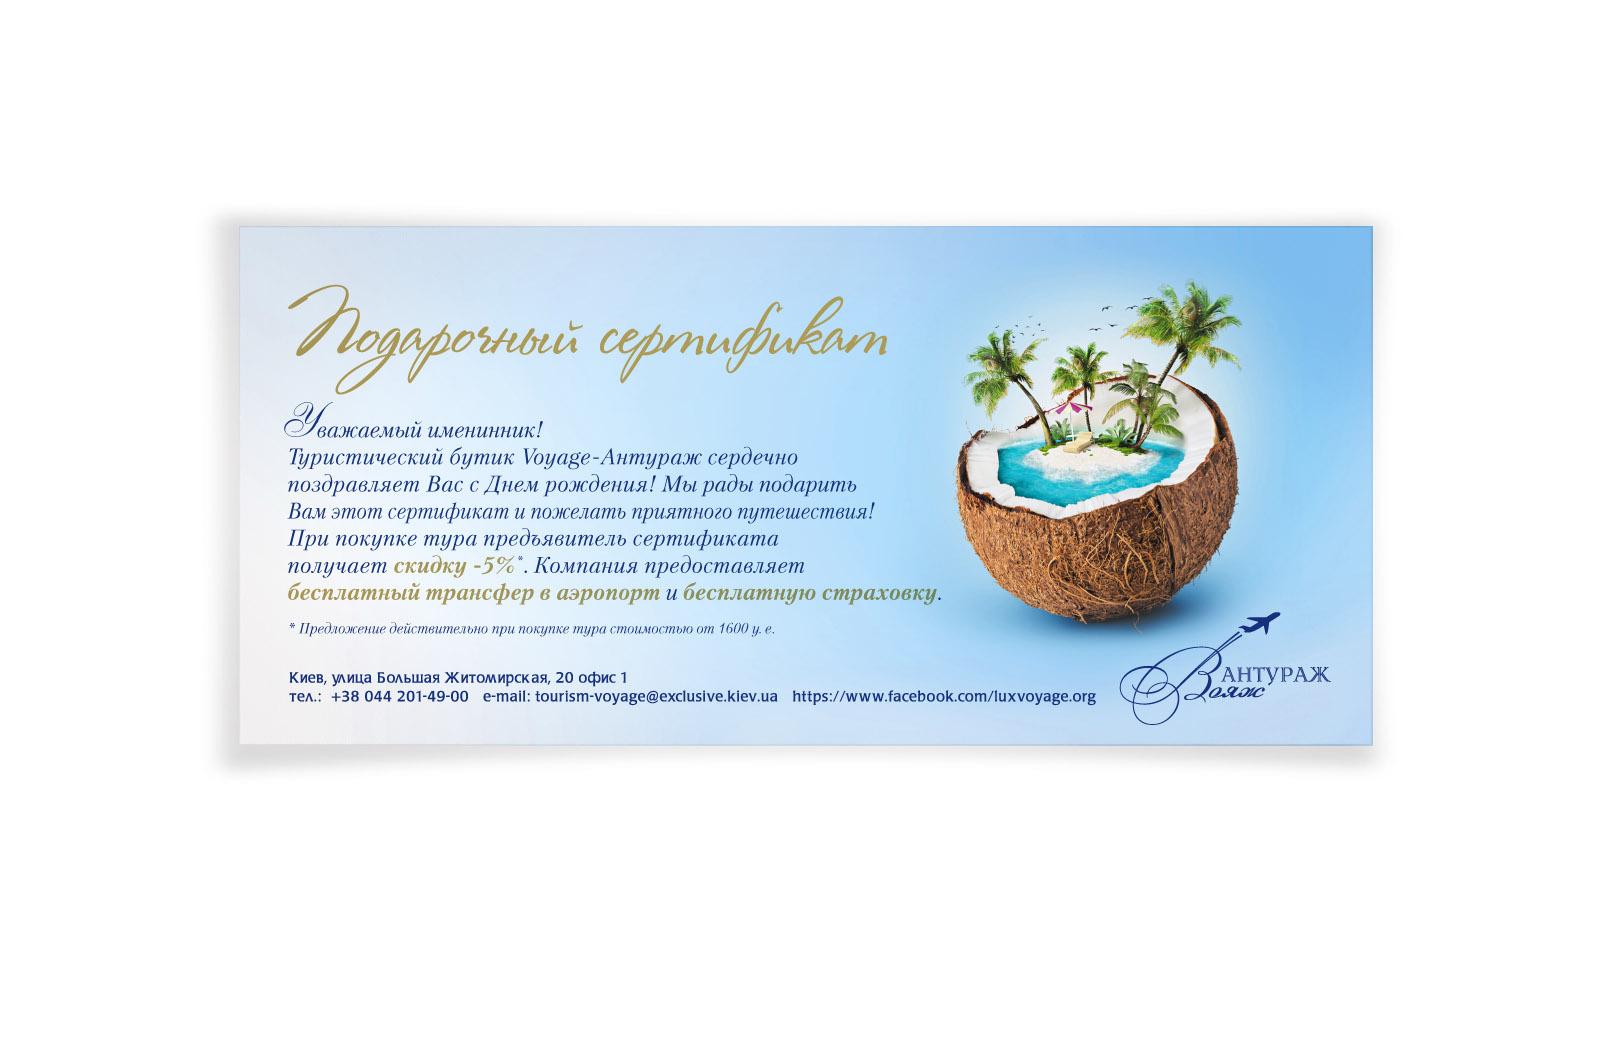 Туристические подарочные сертификаты. - 1001 Тур 82